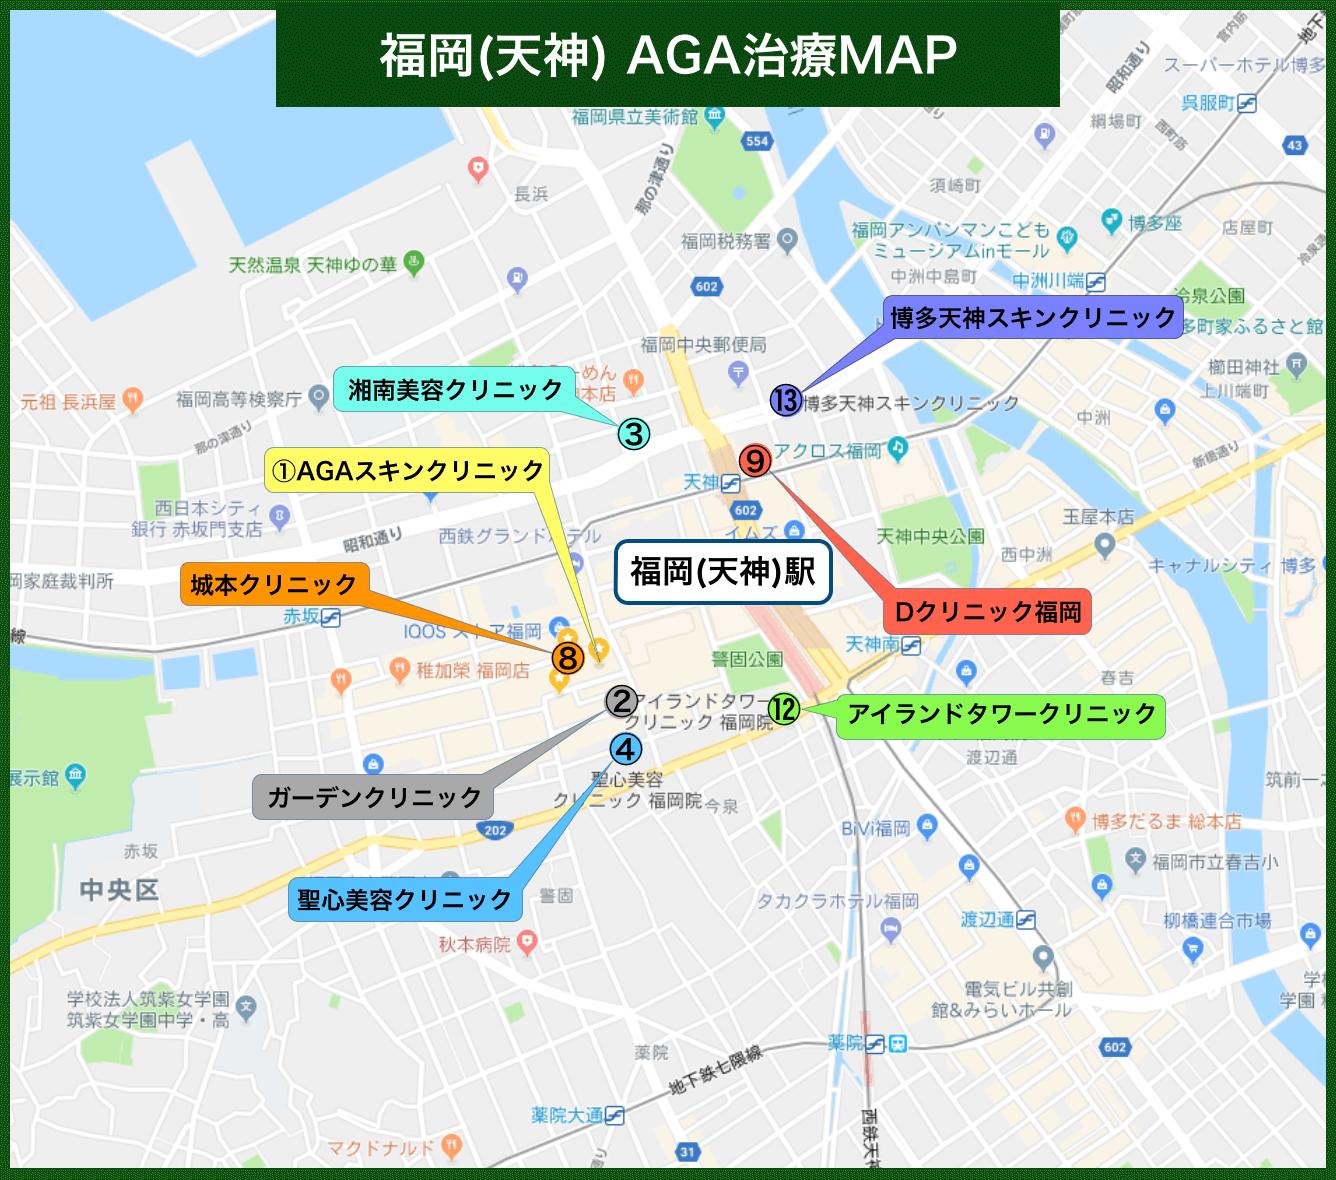 福岡(天神) AGA治療MAP(2020年2月版)